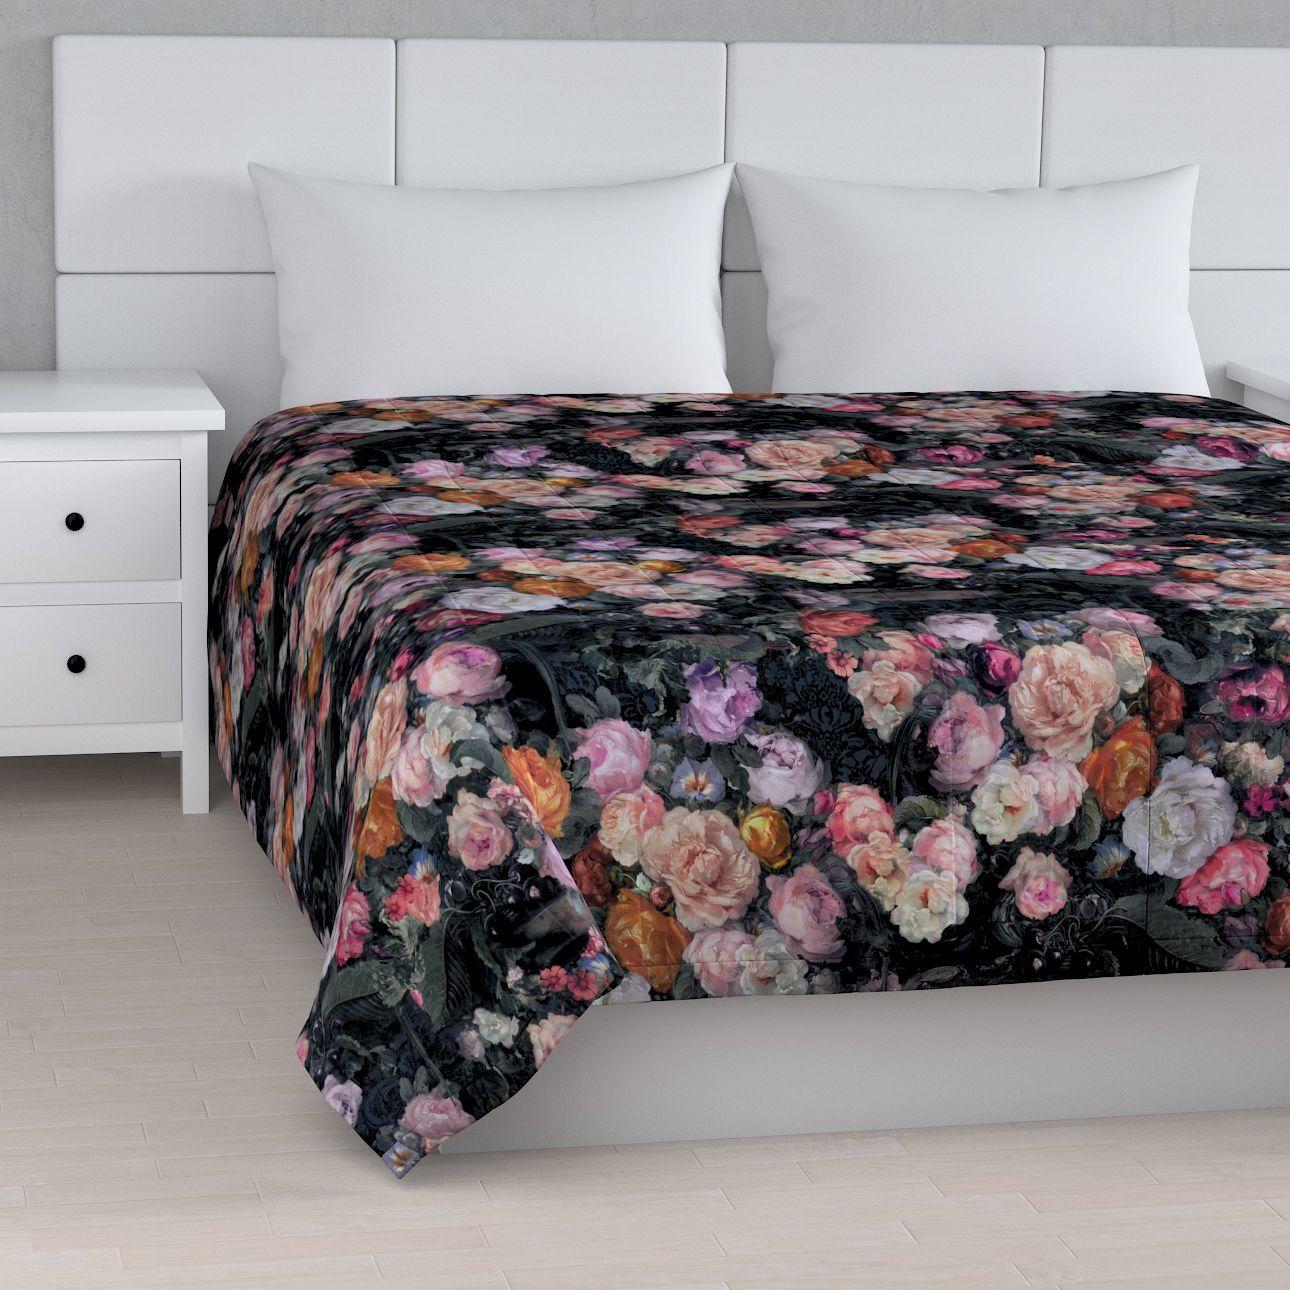 Narzuta pikowana w pasy, wielobarwne kwiaty na ciemnym tle, szer.170  dł.210 cm, Gardenia